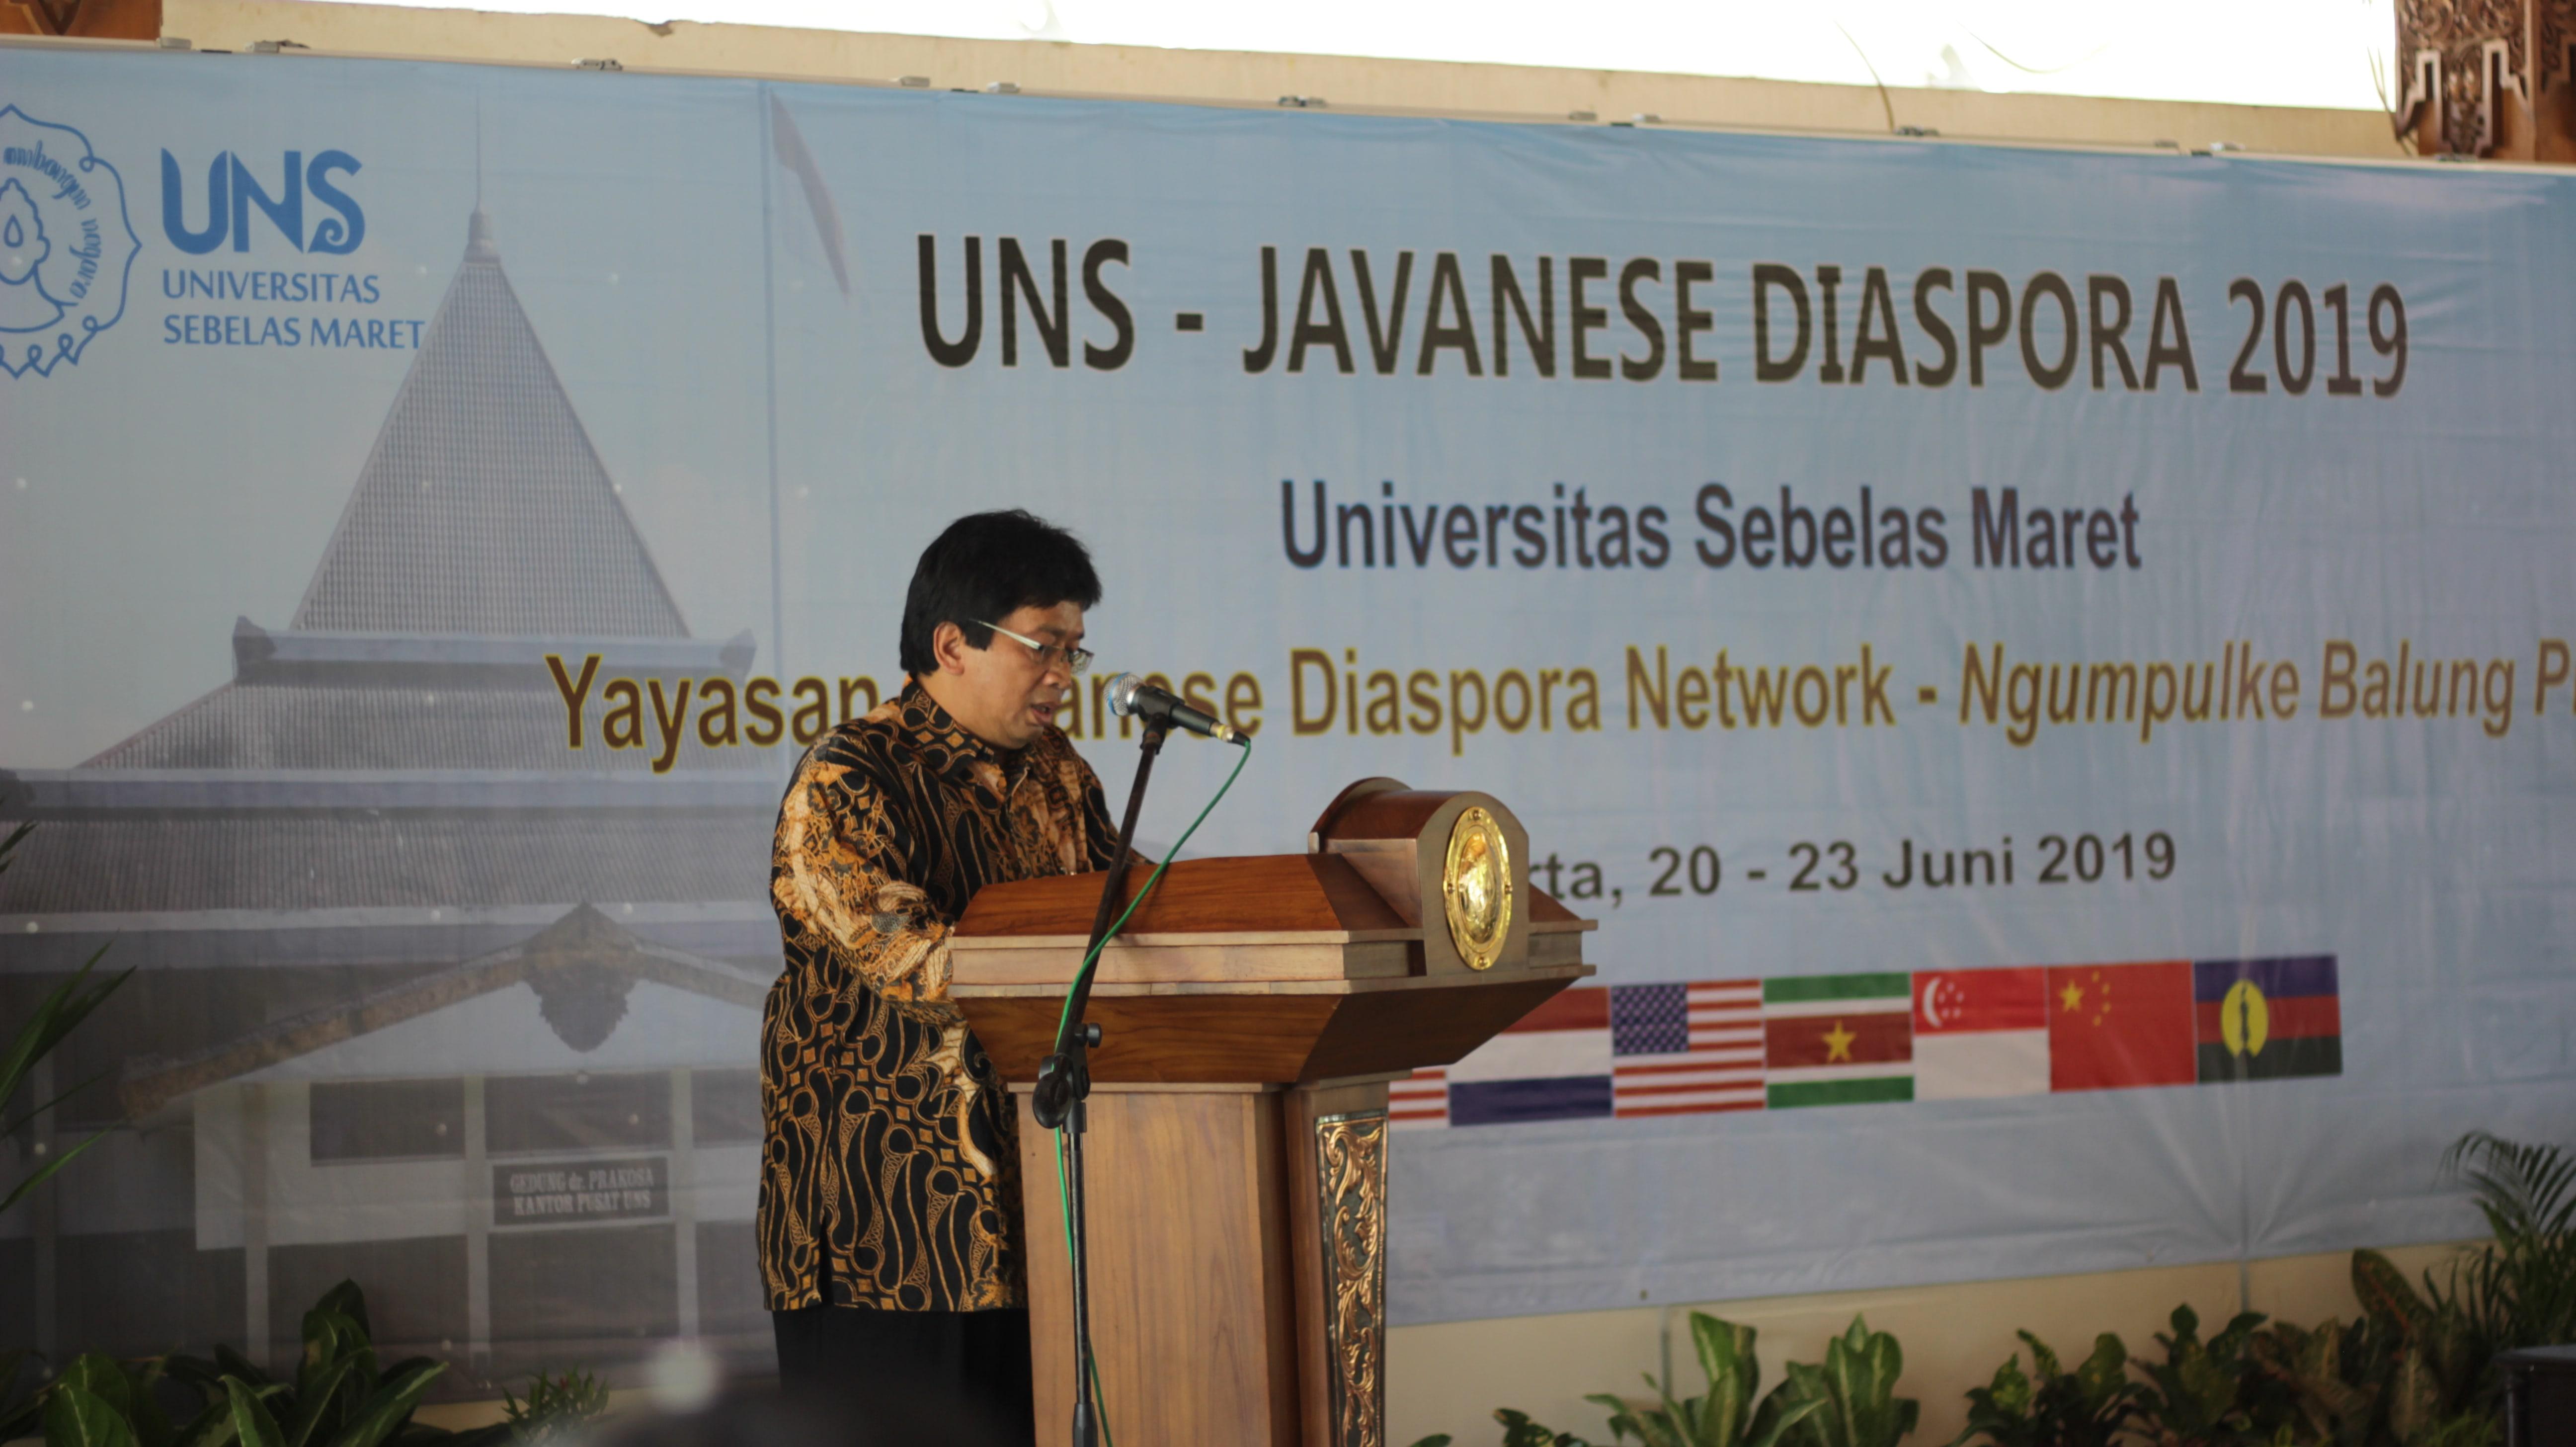 UNS Javanese Diaspora 2019